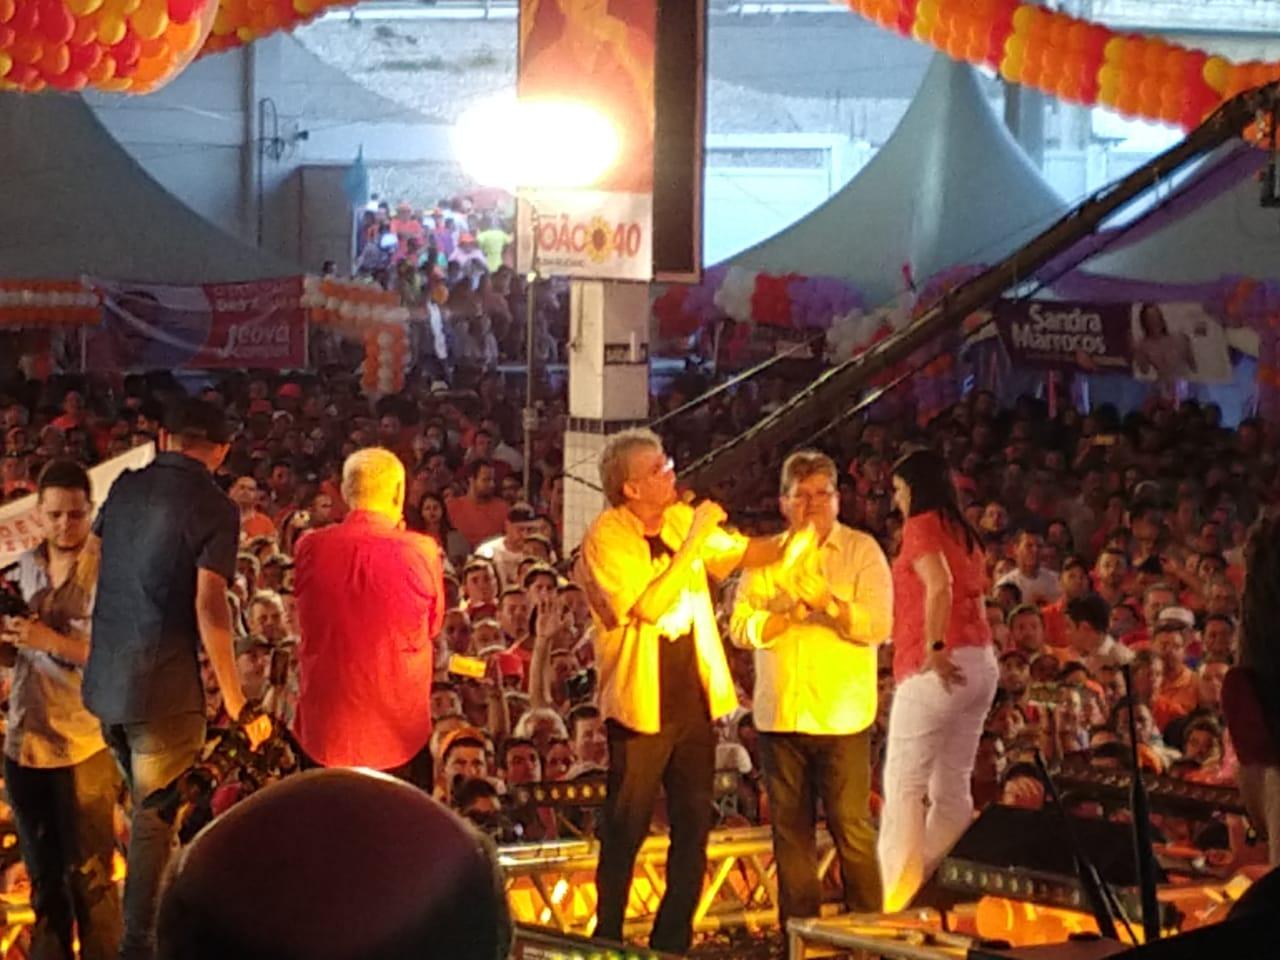 4f22612c 3e6d 48f0 89e6 3922c767ebd8 - VEJA VÍDEO: Em evento com 12 mil pessoas, RC ressalta projeto construído pelo PSB para a Paraíba